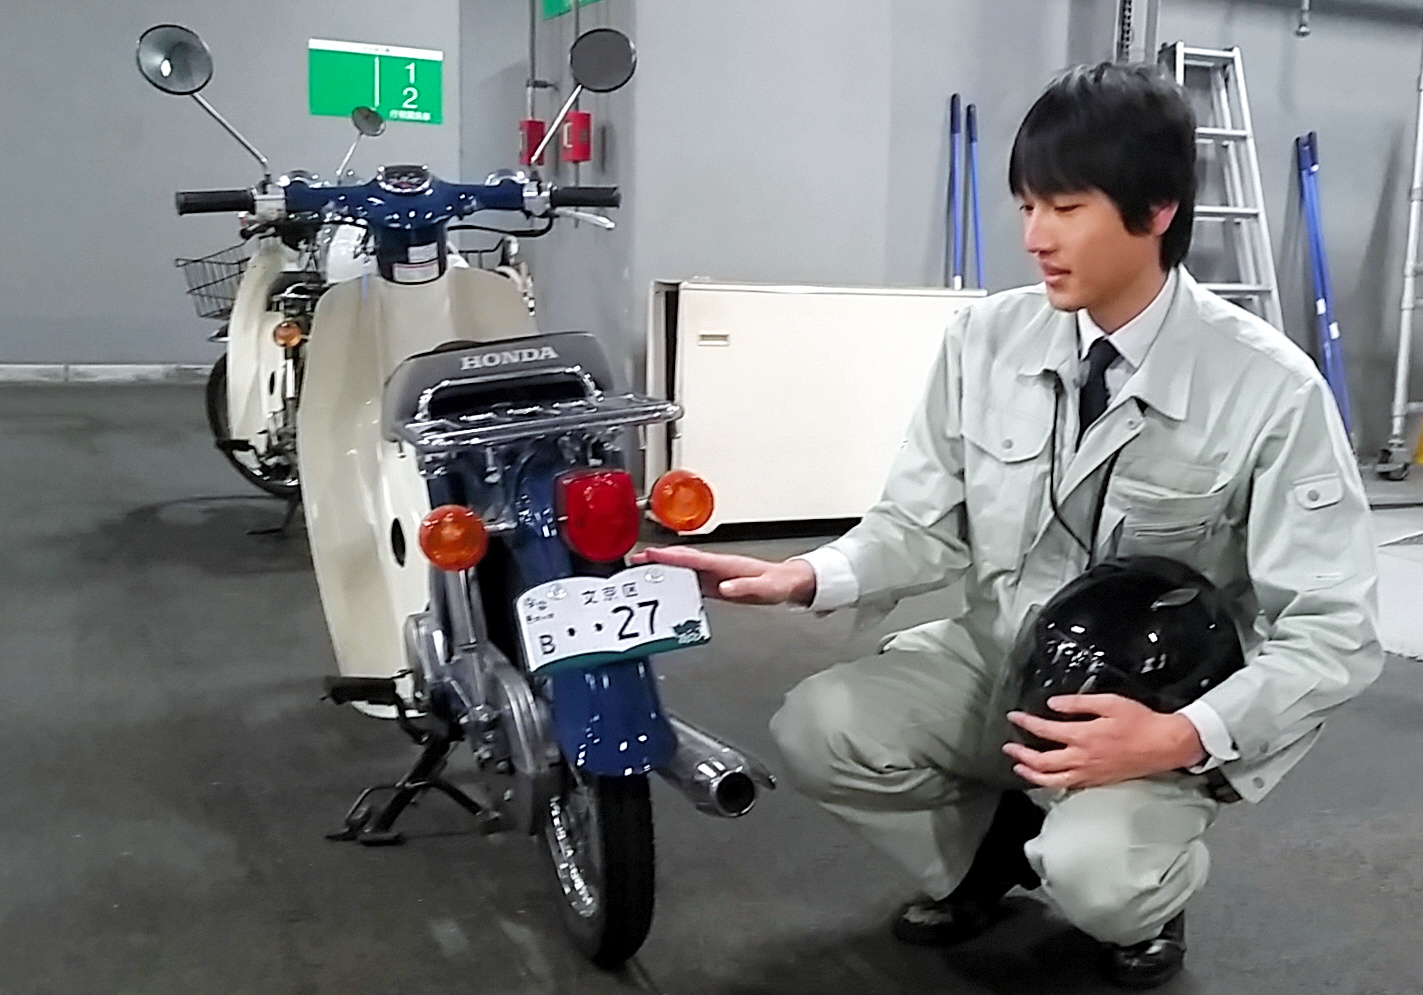 公用車にもオリジナルプレートを装着=文京区役所